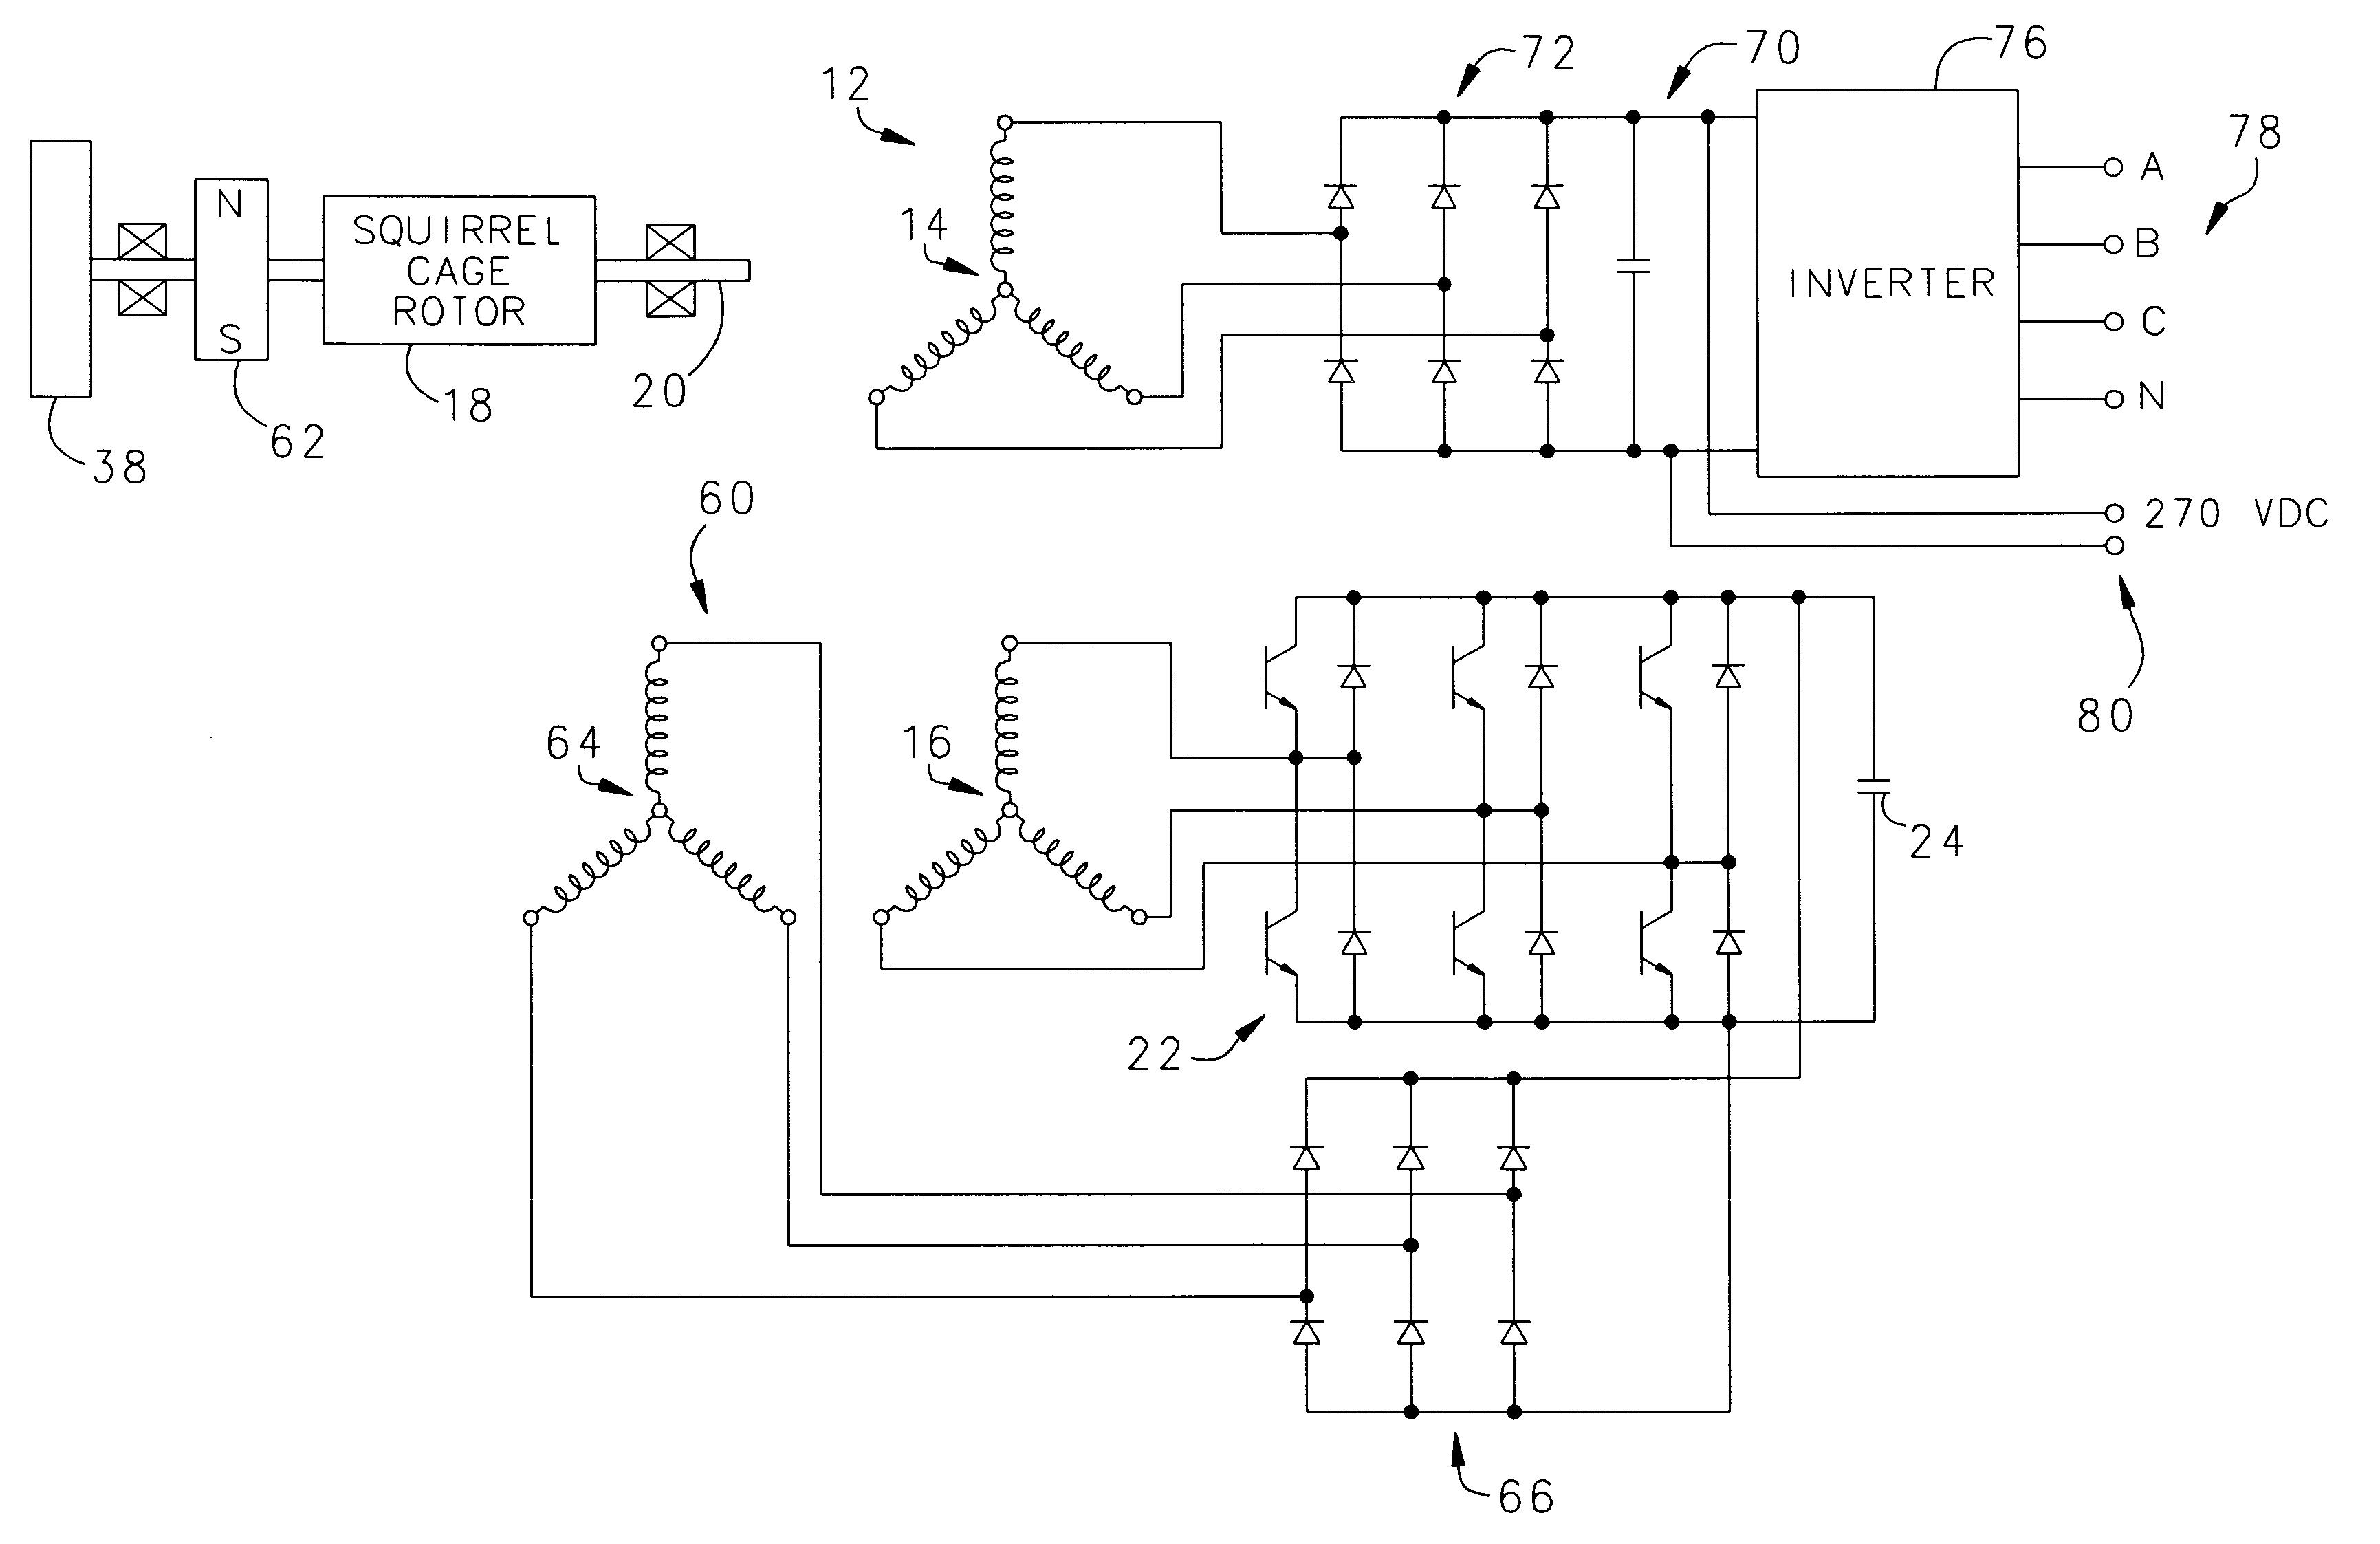 pmg generator electrical diagram pmg free engine image 240sx alternator wiring diagram stamford alternator wiring diagram